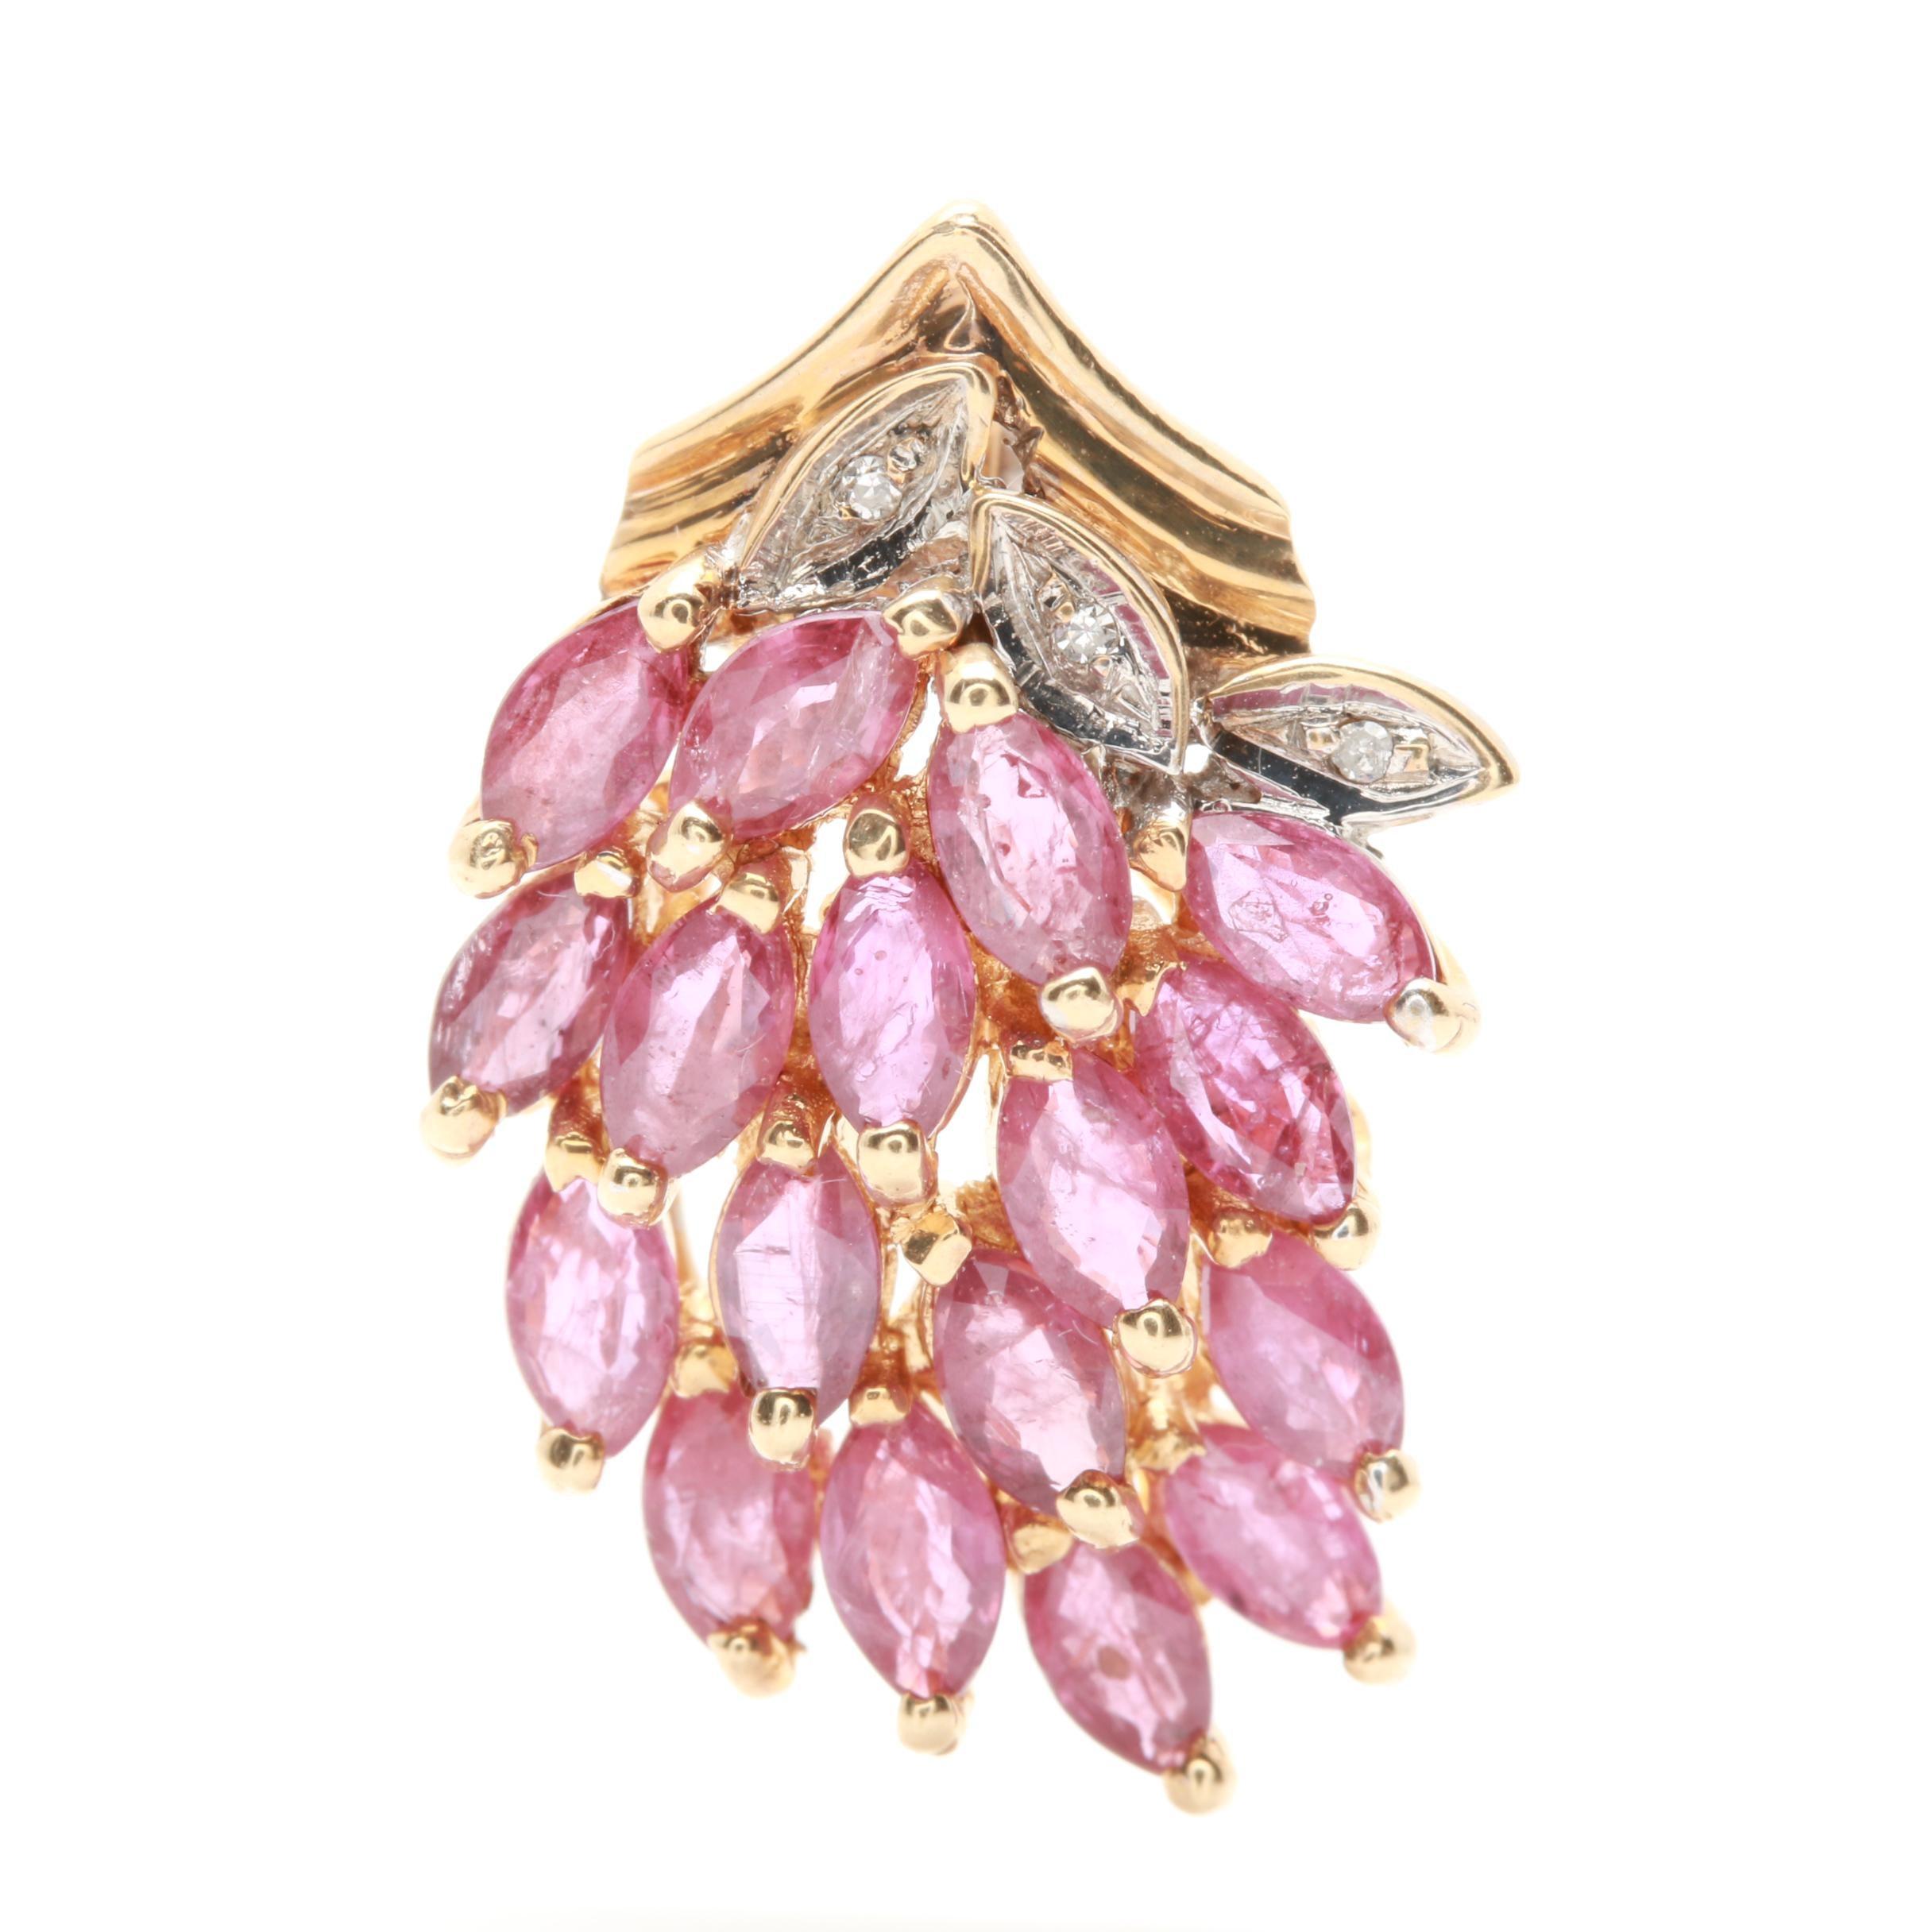 10K Yellow Gold Ruby and Diamond Foliate Pendant